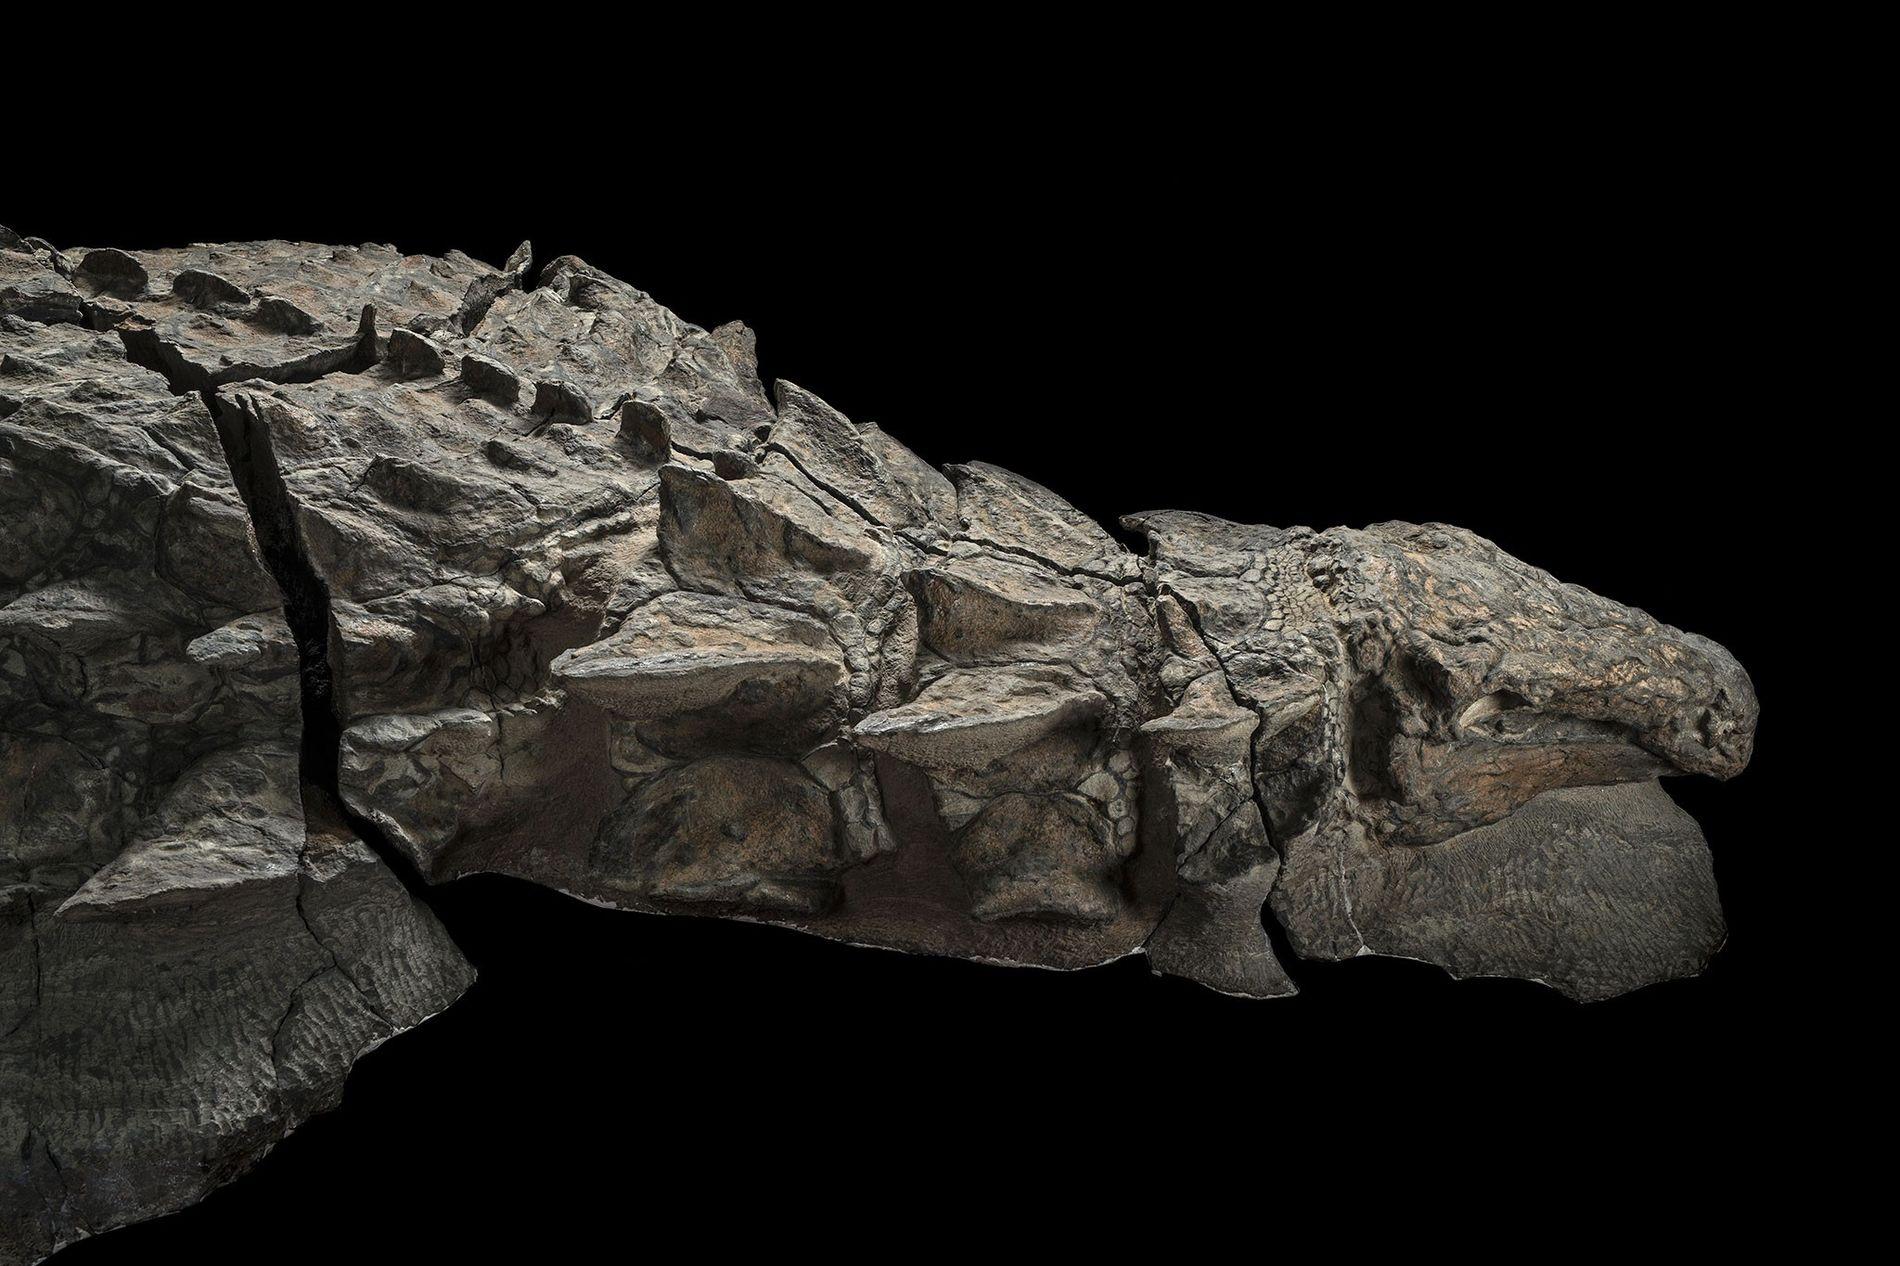 Una imagen del lado derecho del dinosaurio Borealopelta markmitchelli. El fósil descubierto accidentalmente por mineros de Alberta es el nodosaurio anquilosaurio en mejor estado de conservación.